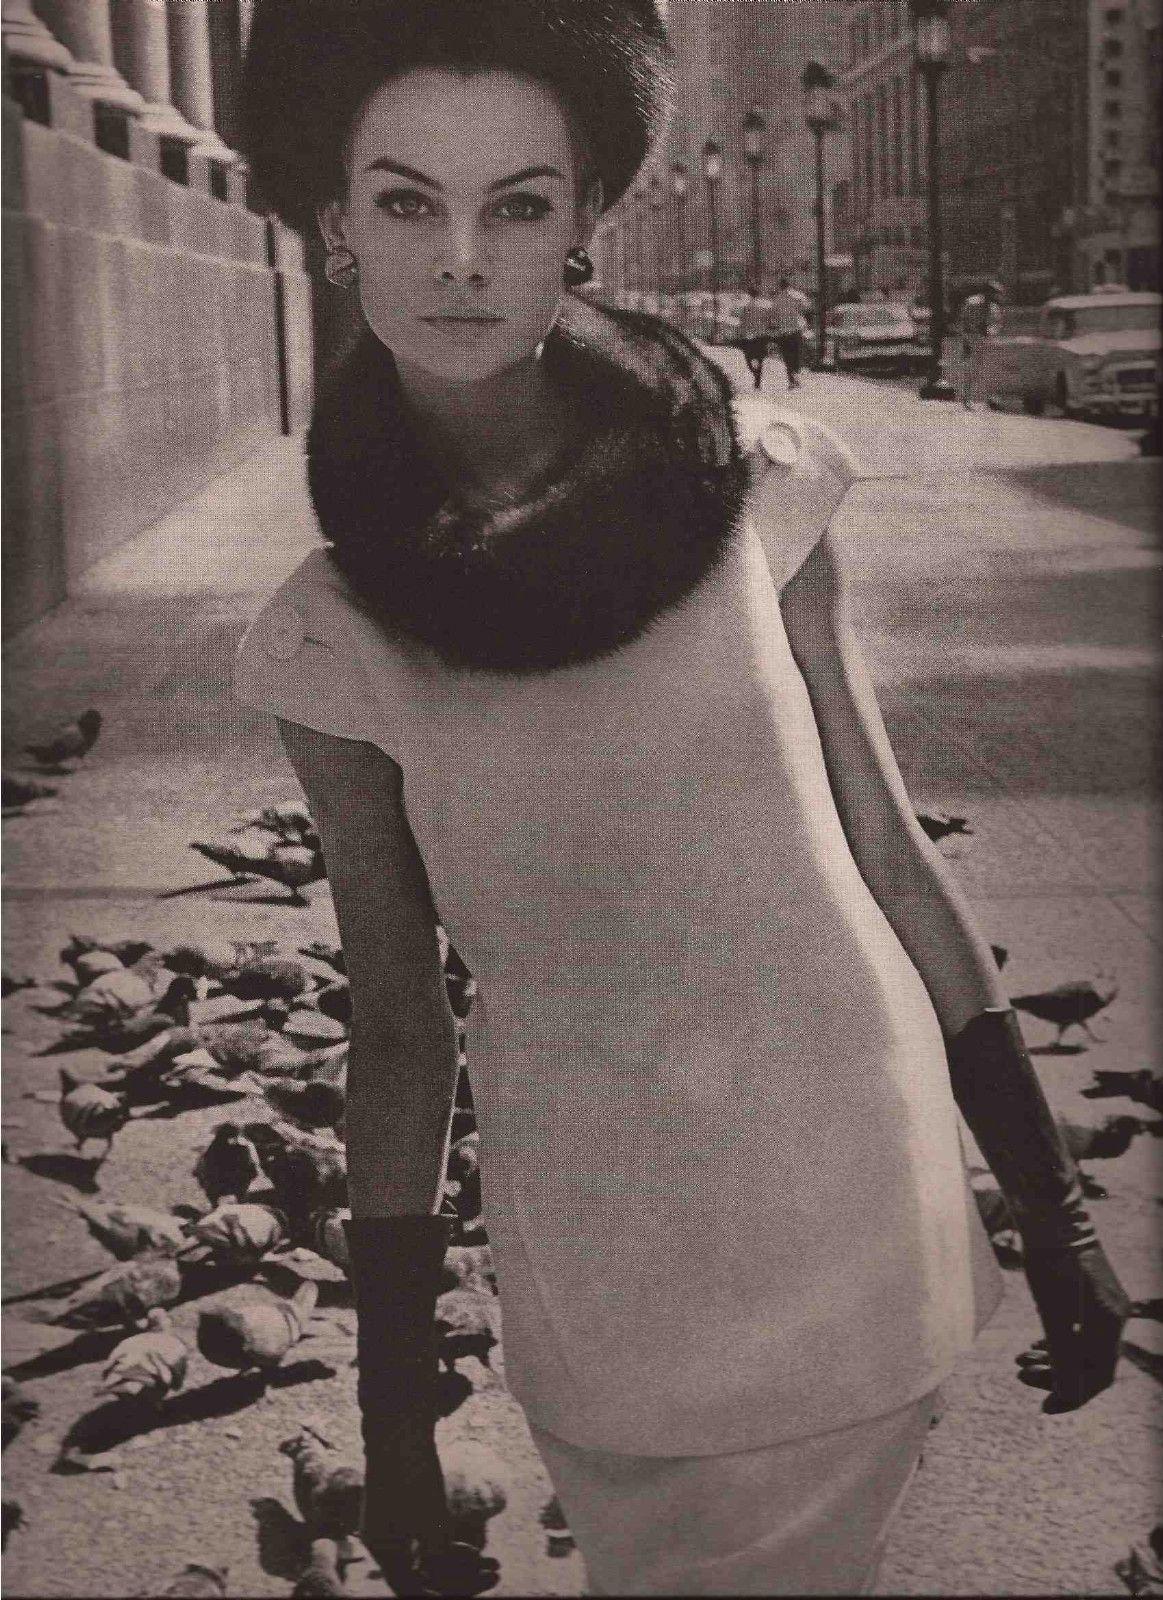 David Bailey Jean Shrimpton 1962